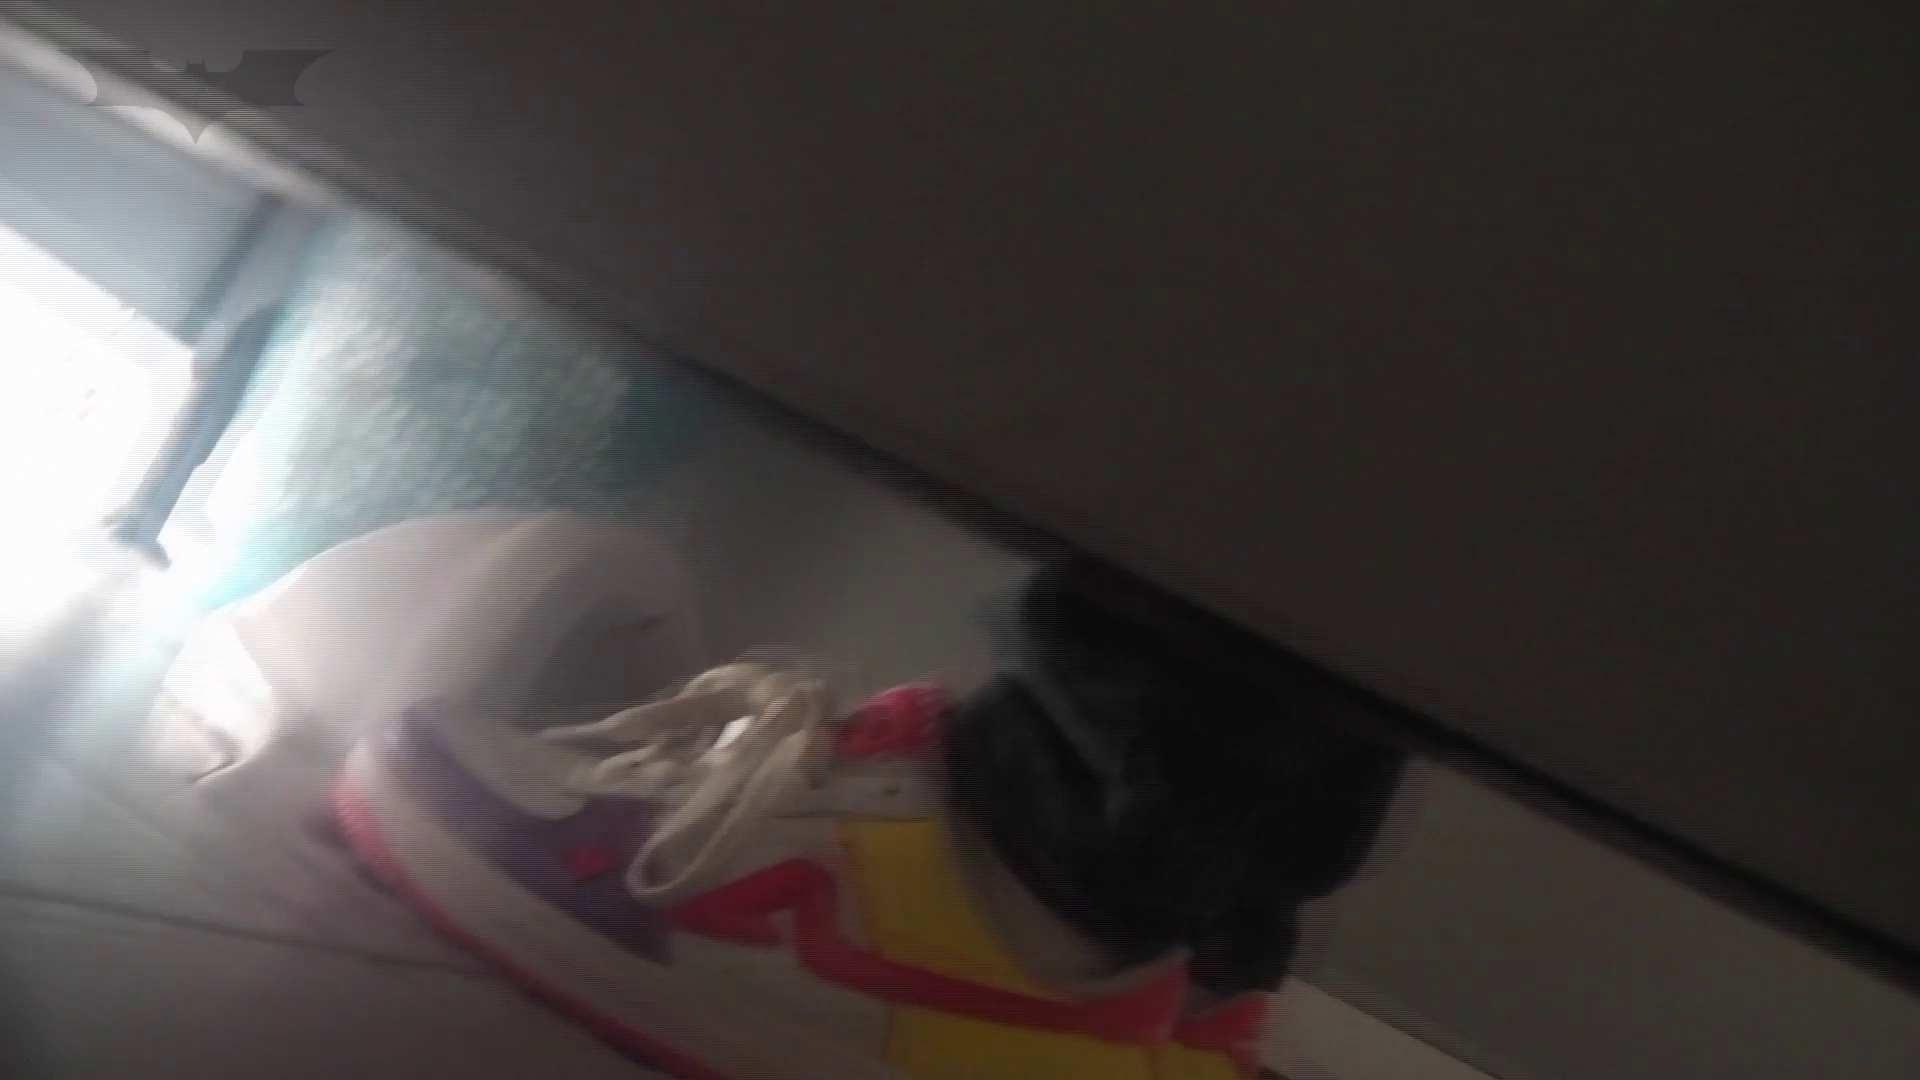 潜入!!台湾名門女学院 Vol.05 15センチ以上の濃厚糸を垂らしながら爽快 美女のボディ   盗撮  82PIX 45